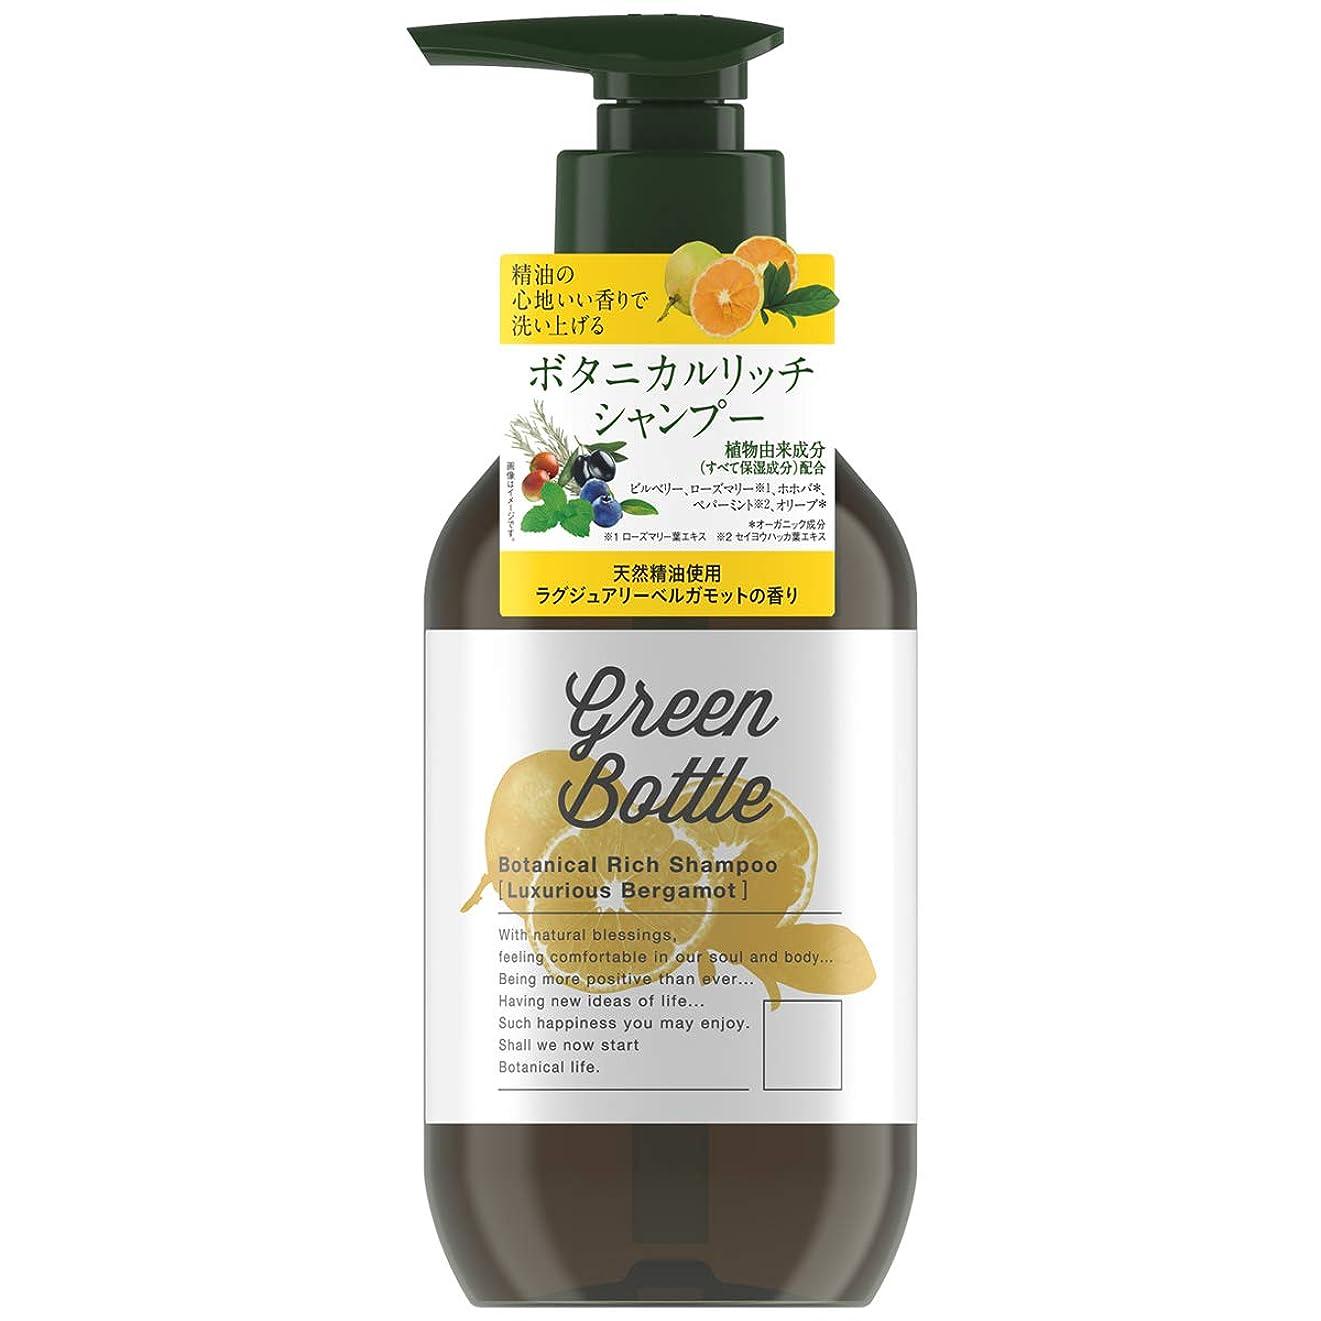 ルーム生きるバズグリーンボトルボタニカルリッチシャンプー(ラグジュアリーベルガモットの香り) 490ml